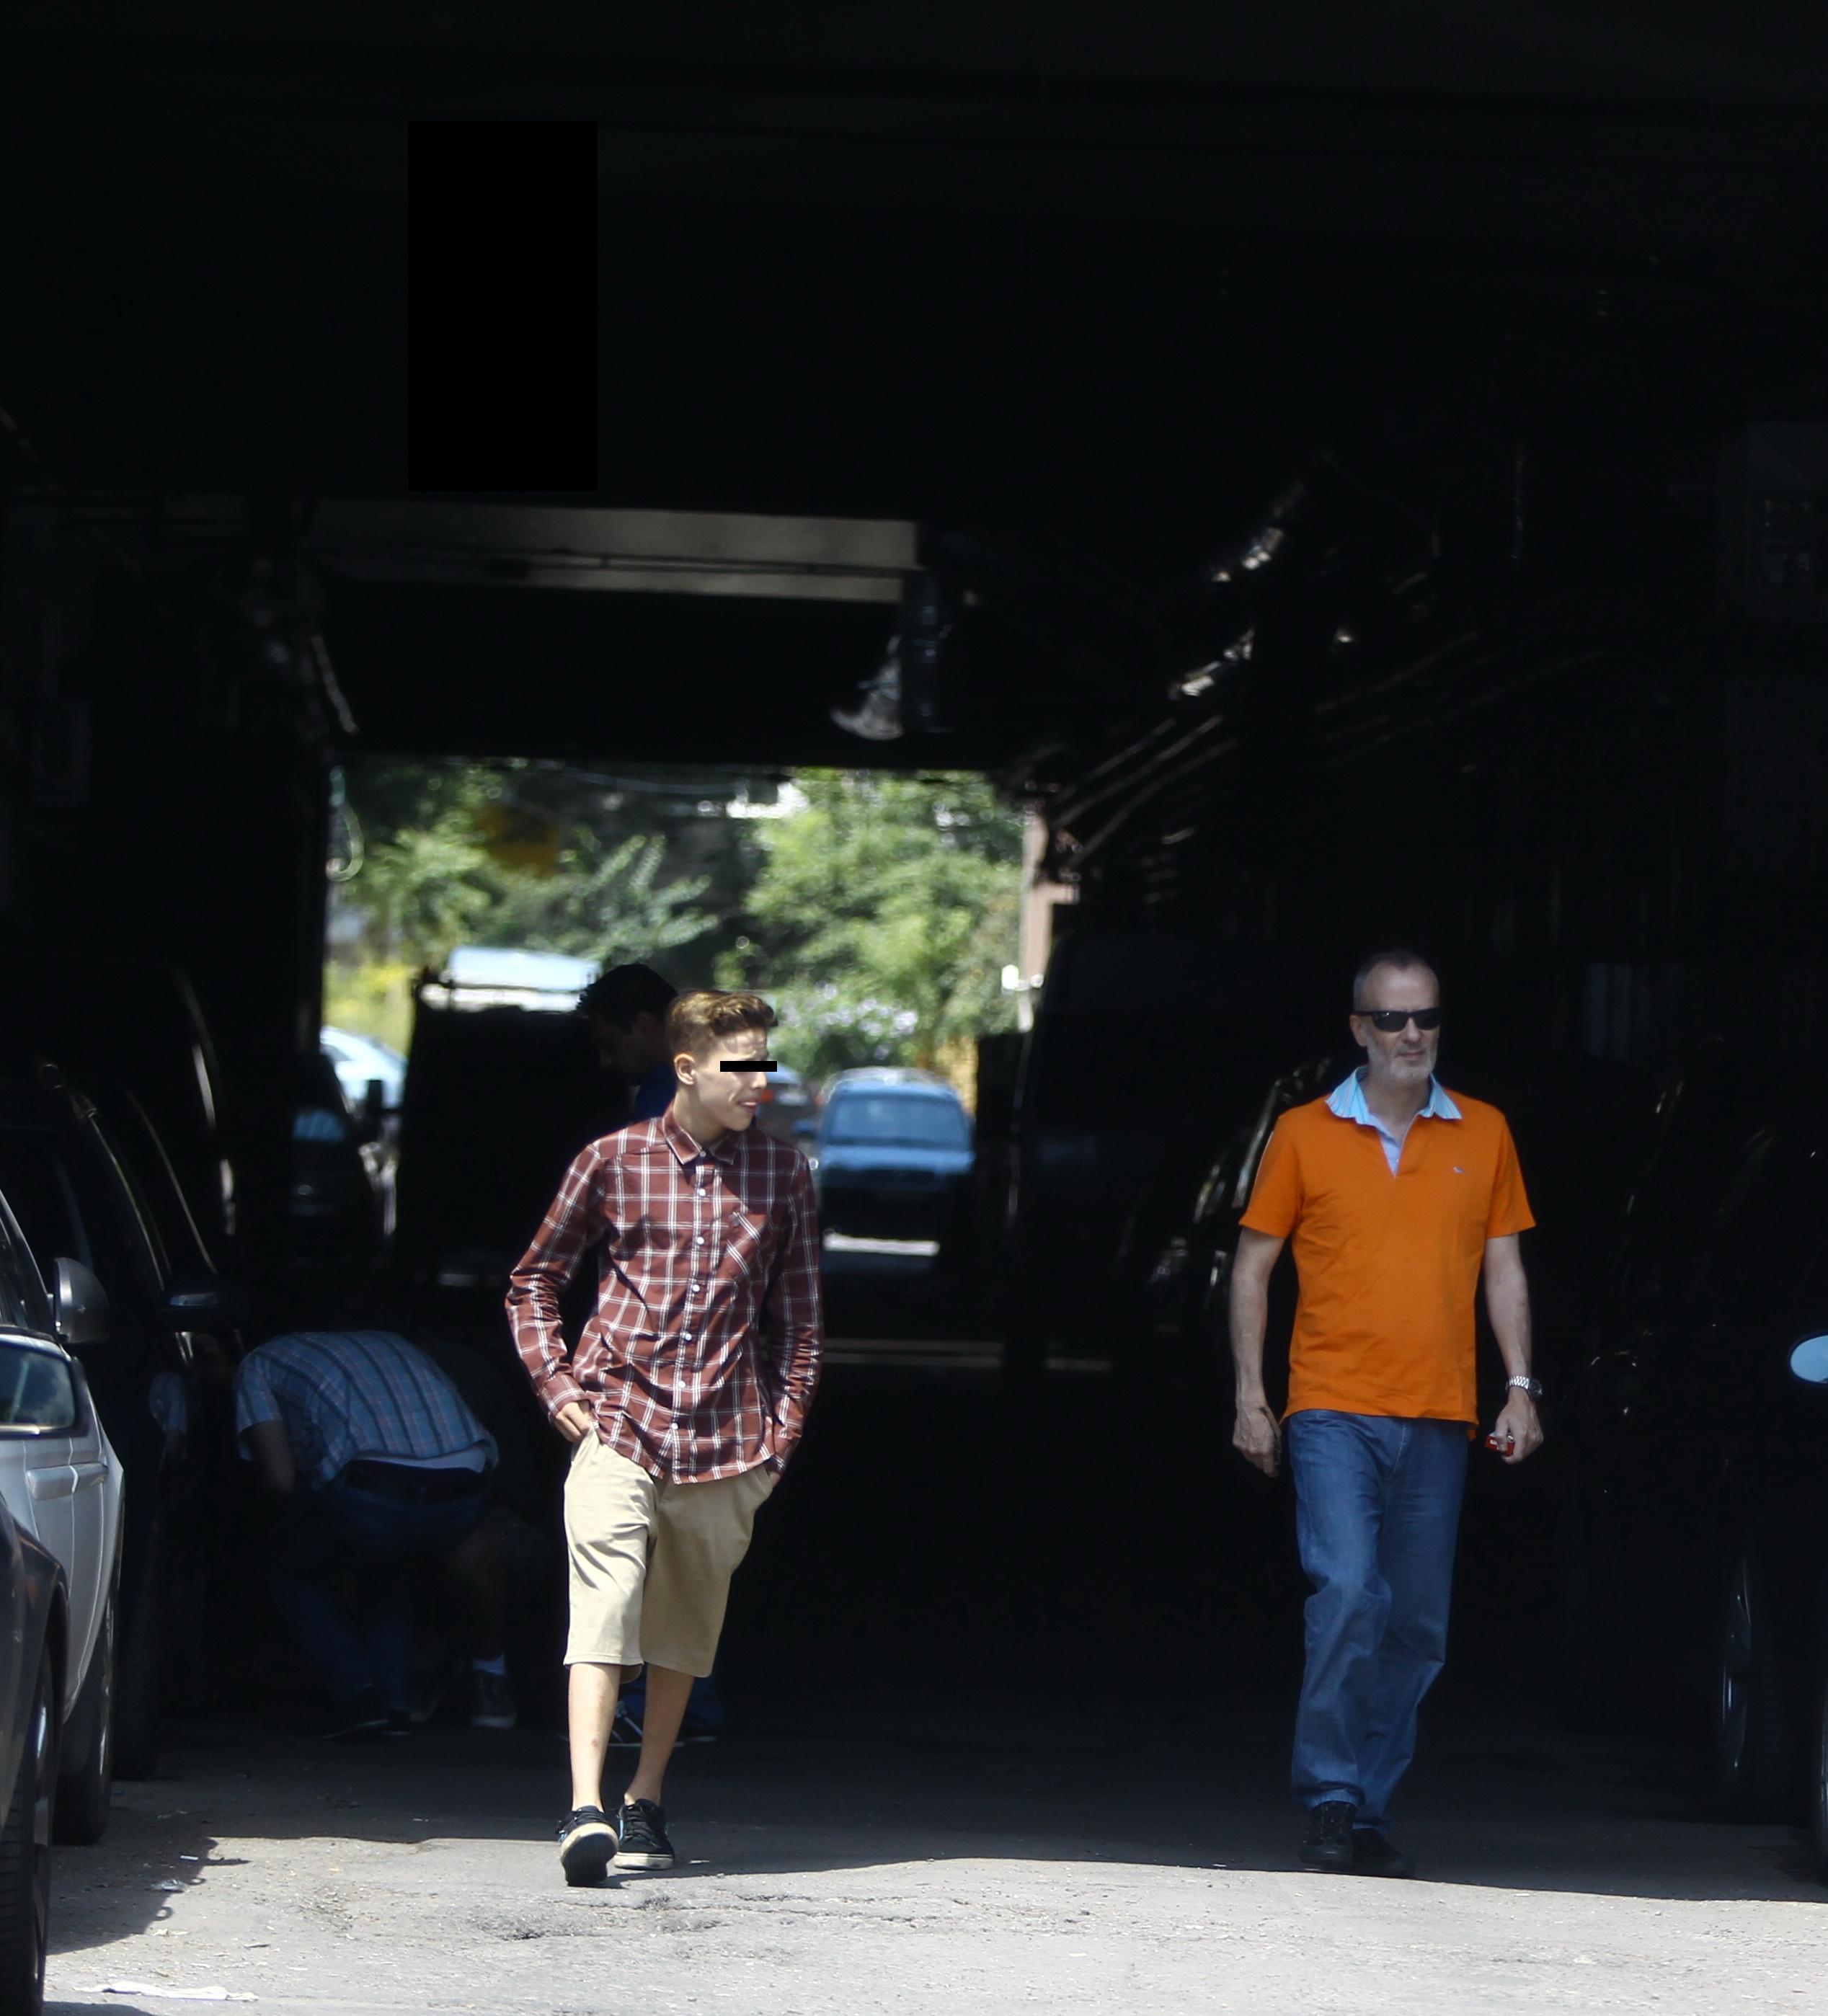 Fiul vitreg al lui Andrei Gheorghe a ramas cu el in masina pana au gasit un loc de parcare